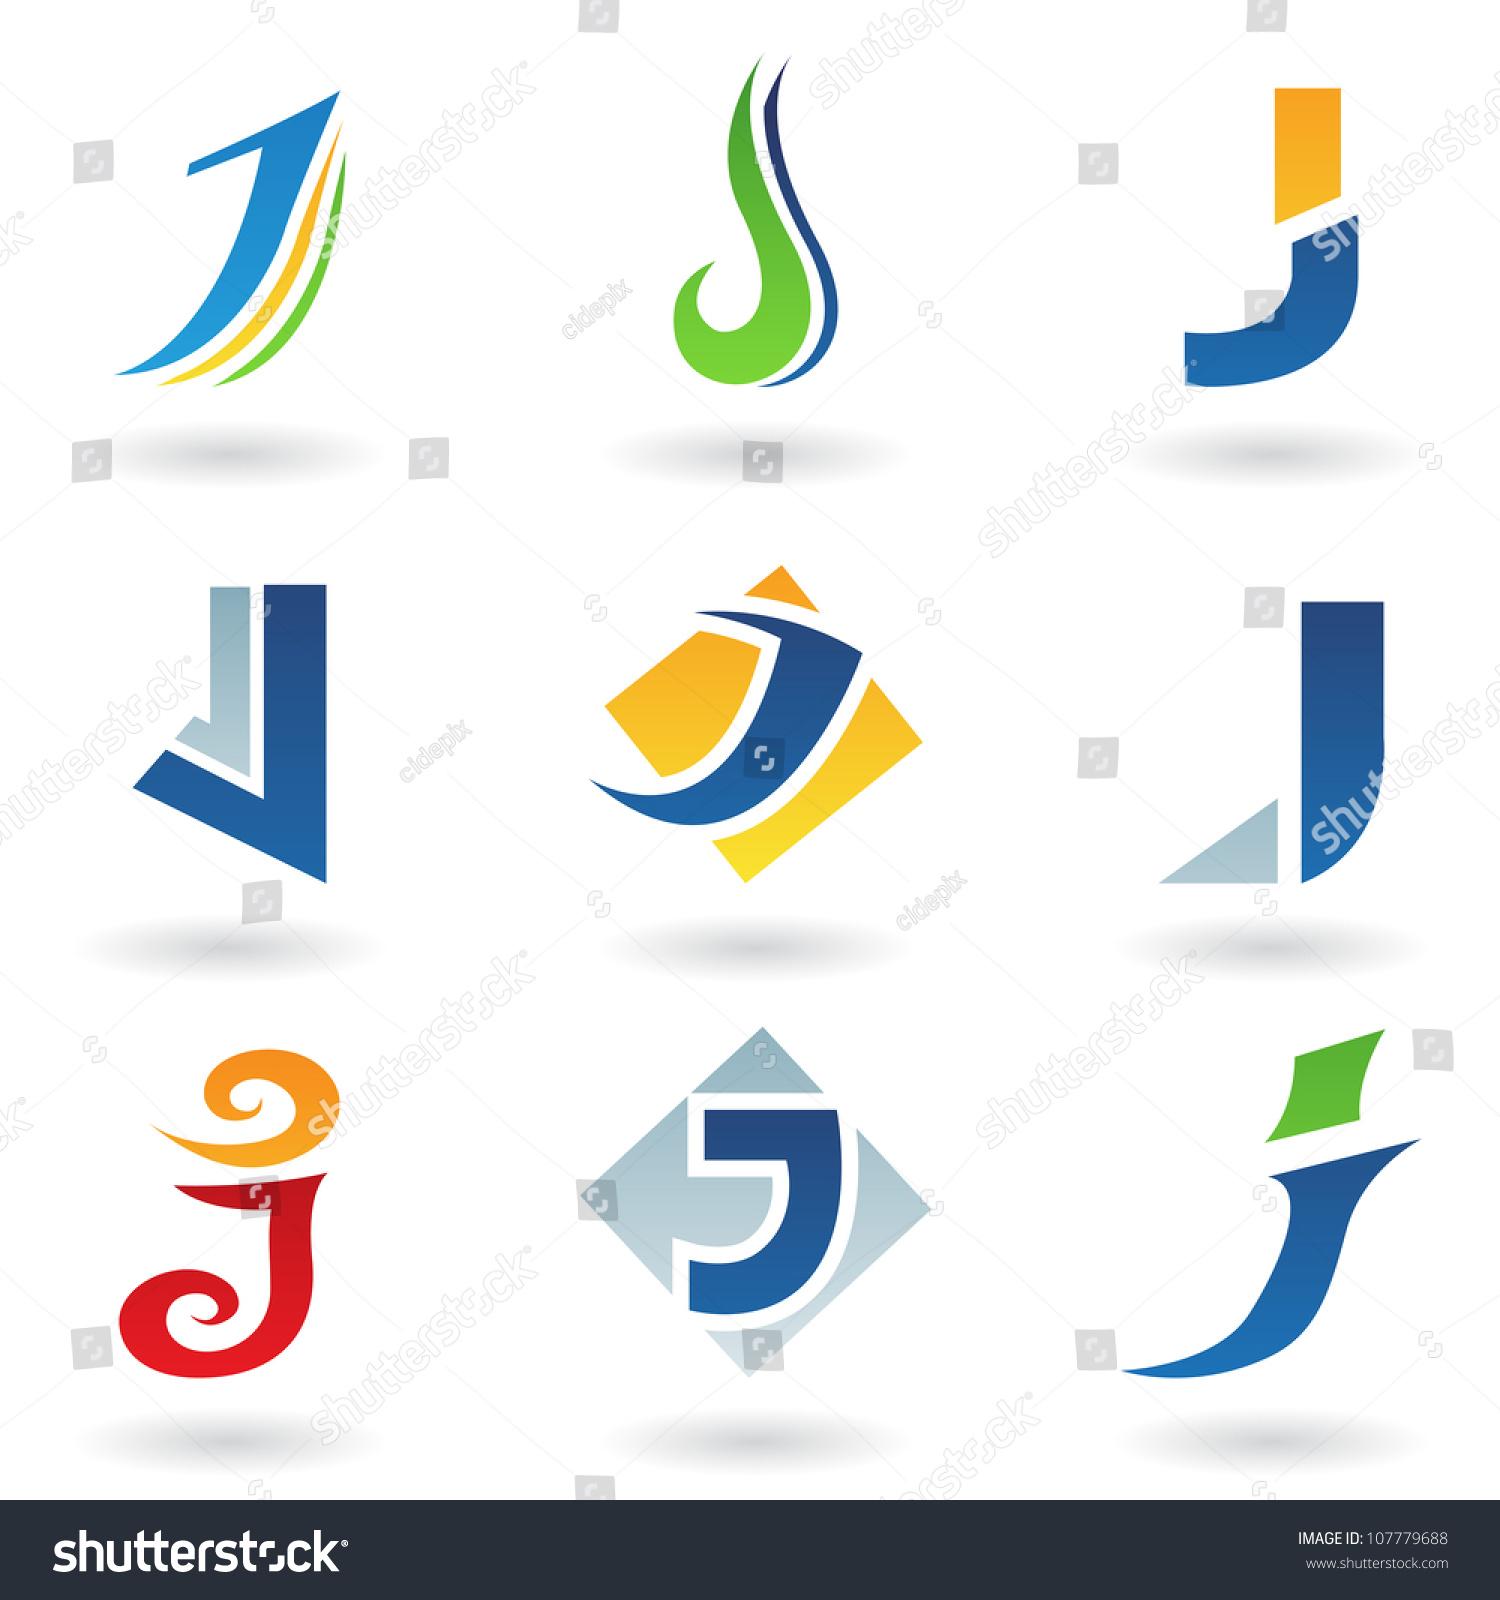 字母j-符号/标志图片